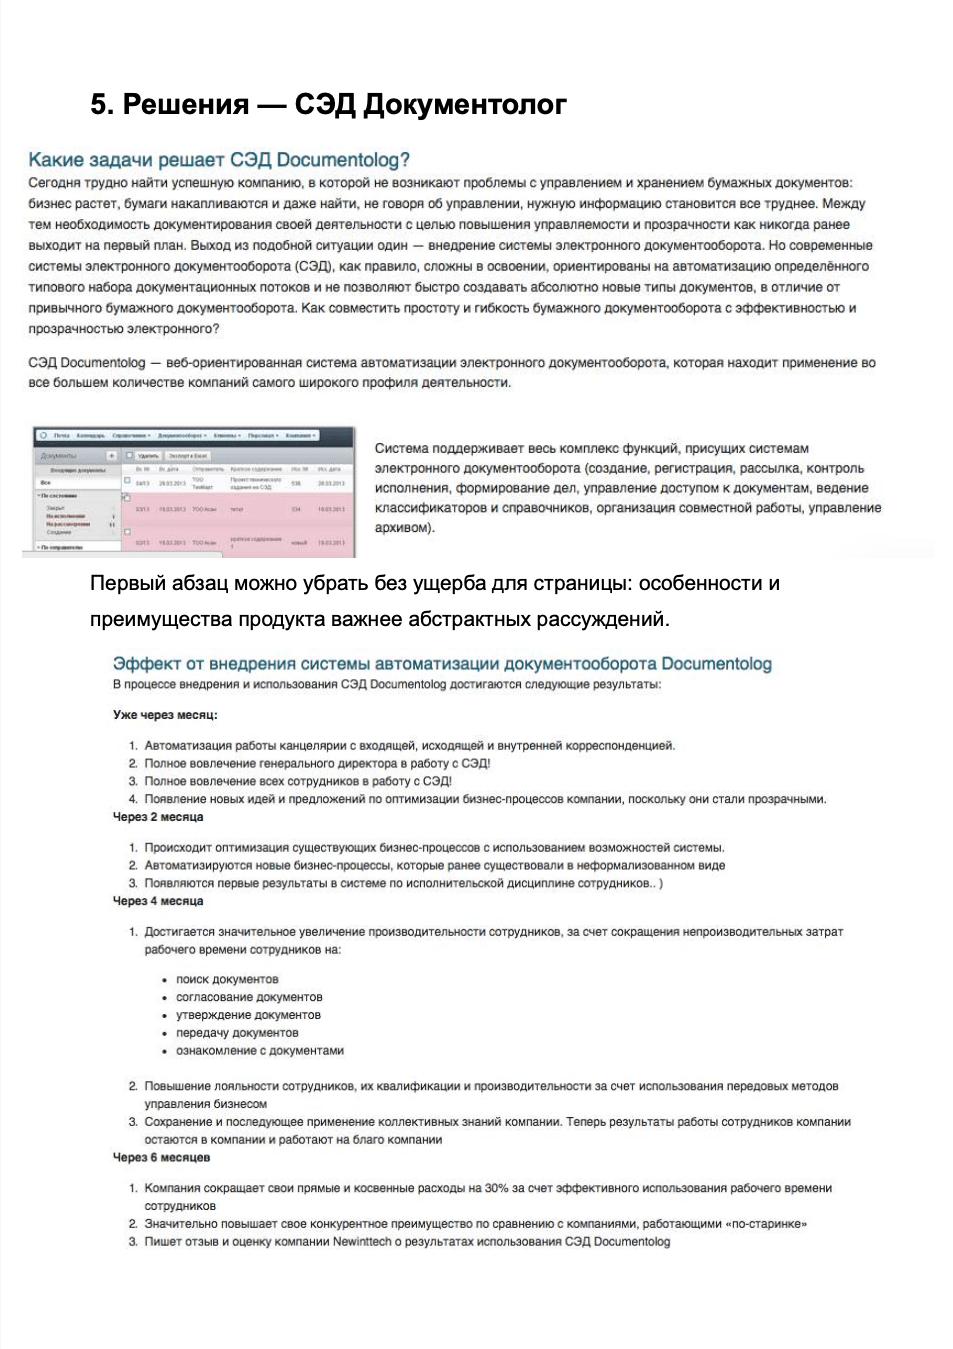 Анализ «Документолога» Сайт Артура Нецветаева — сайты, приложения, прототипы и оформление интерфейсов 16